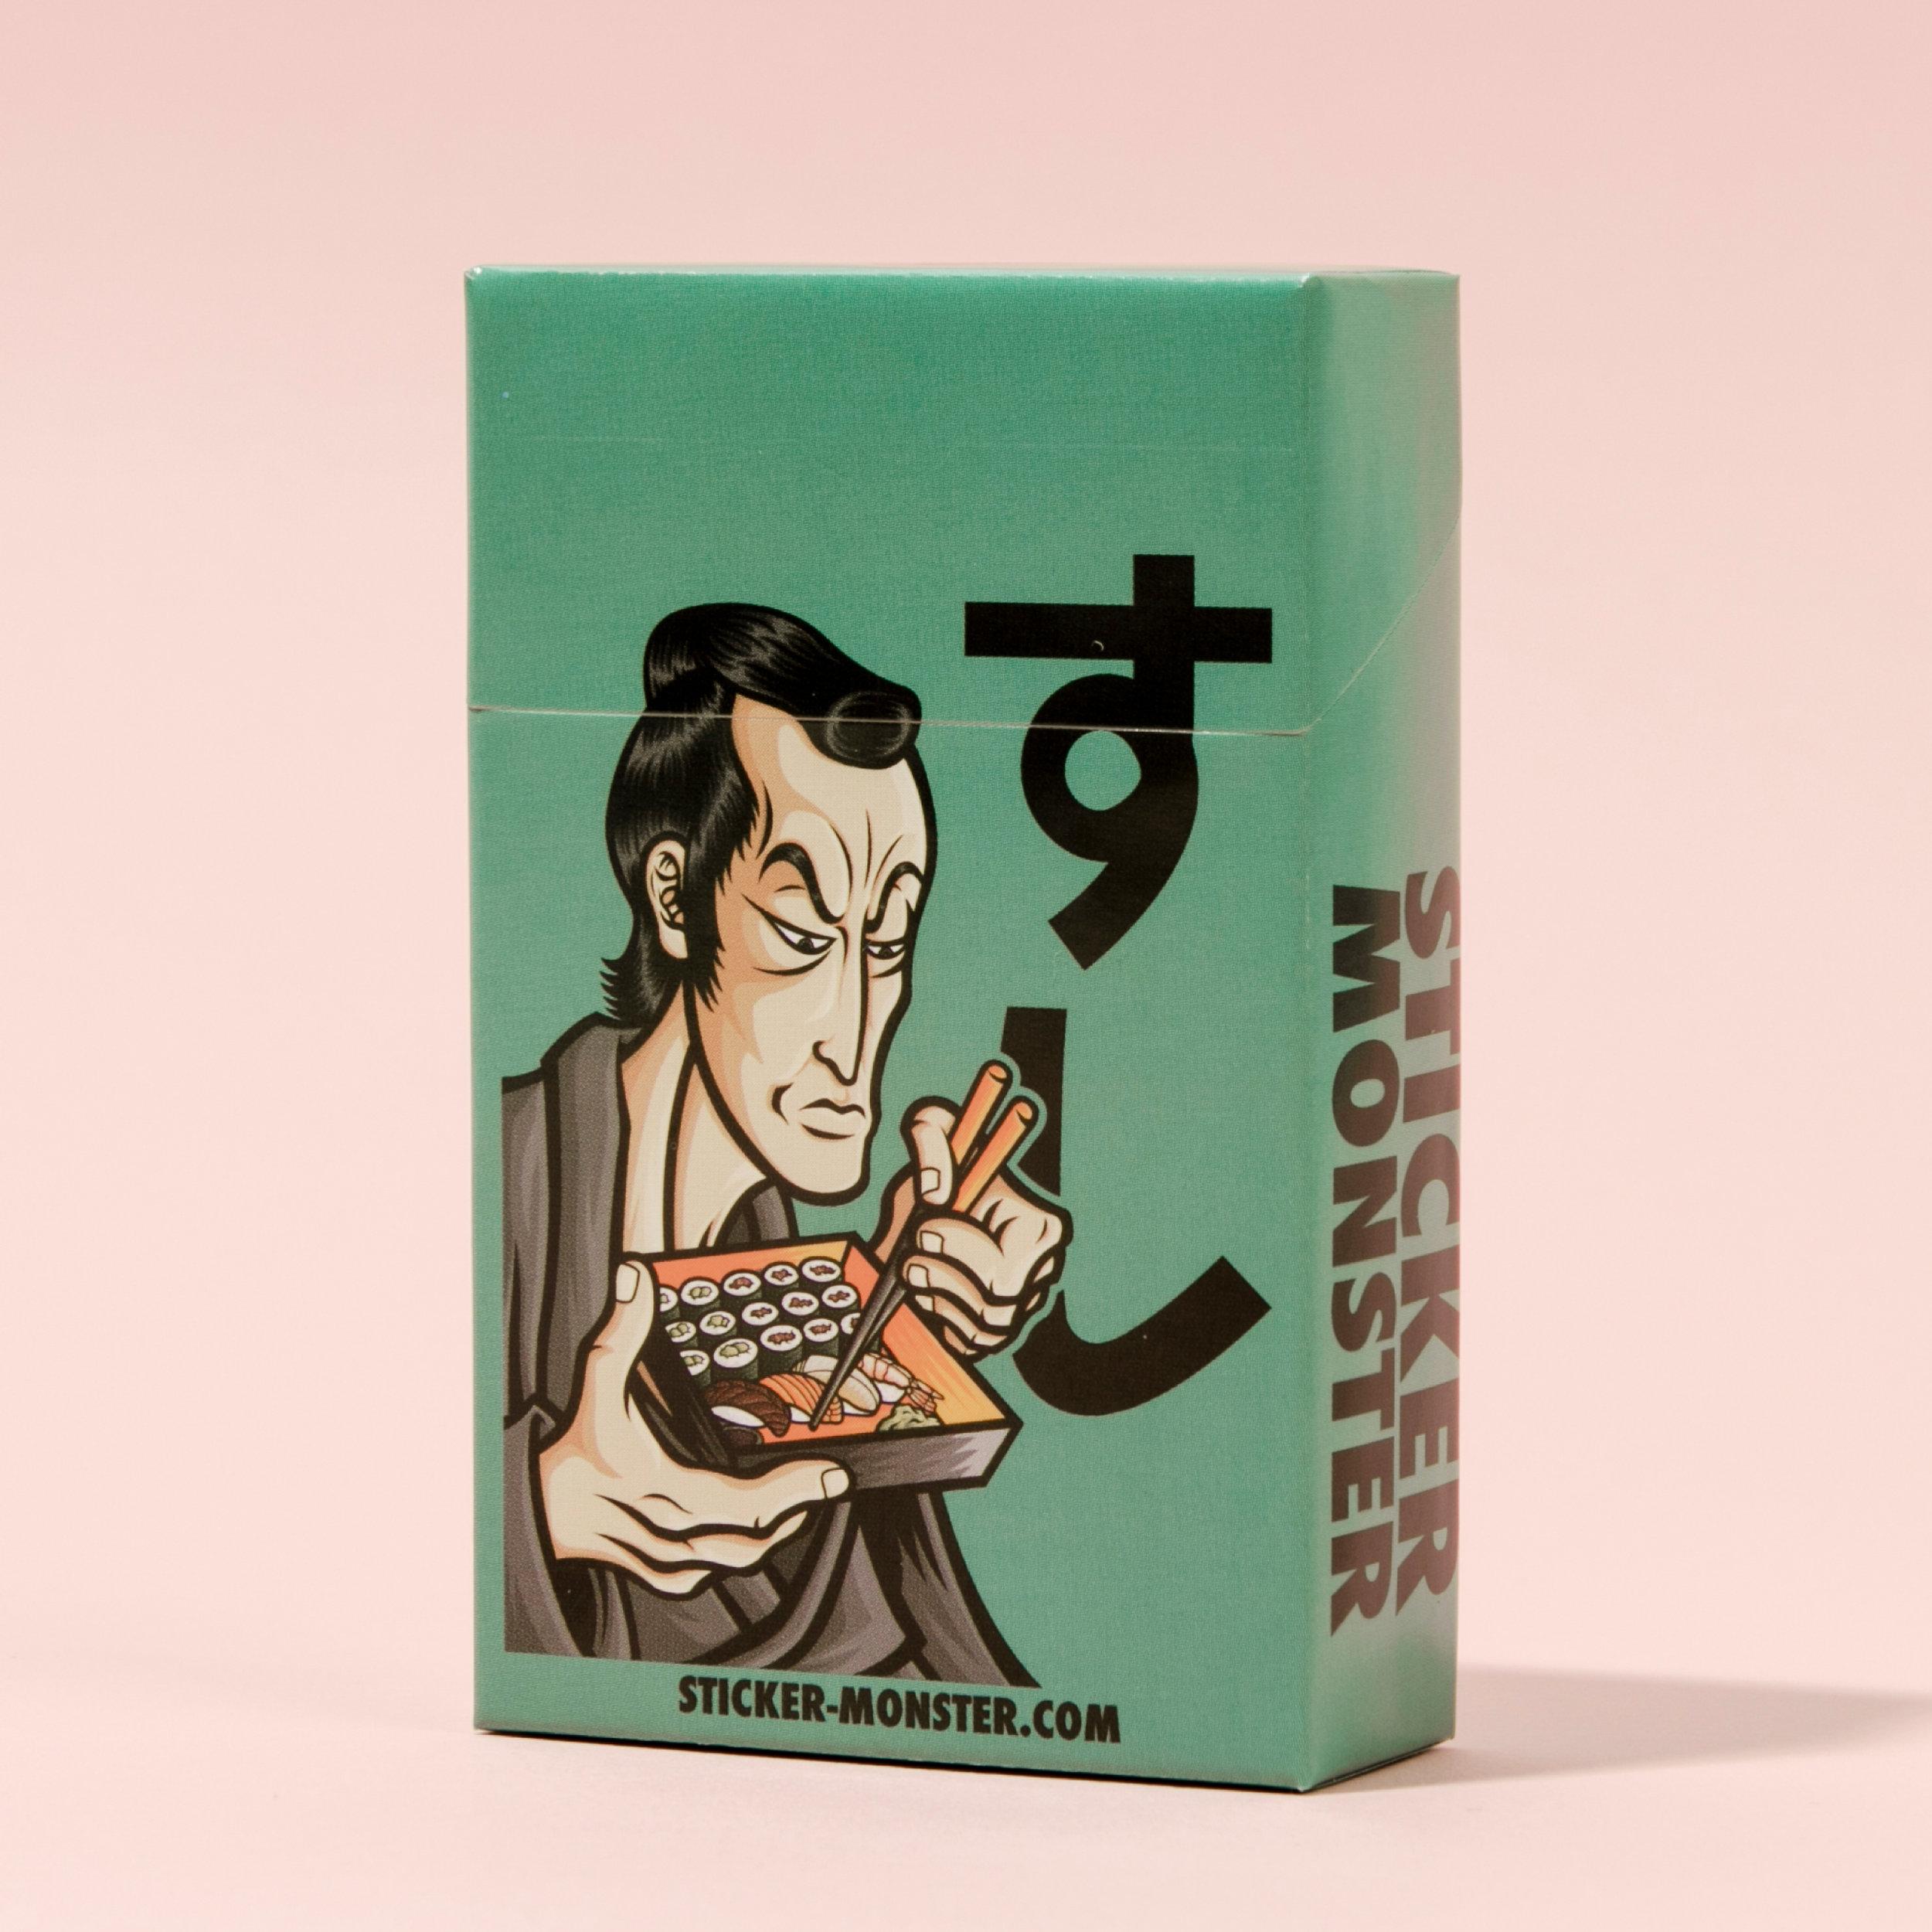 orozcodesign-stickermonster-SushiSamurai-CigBox_2.jpg